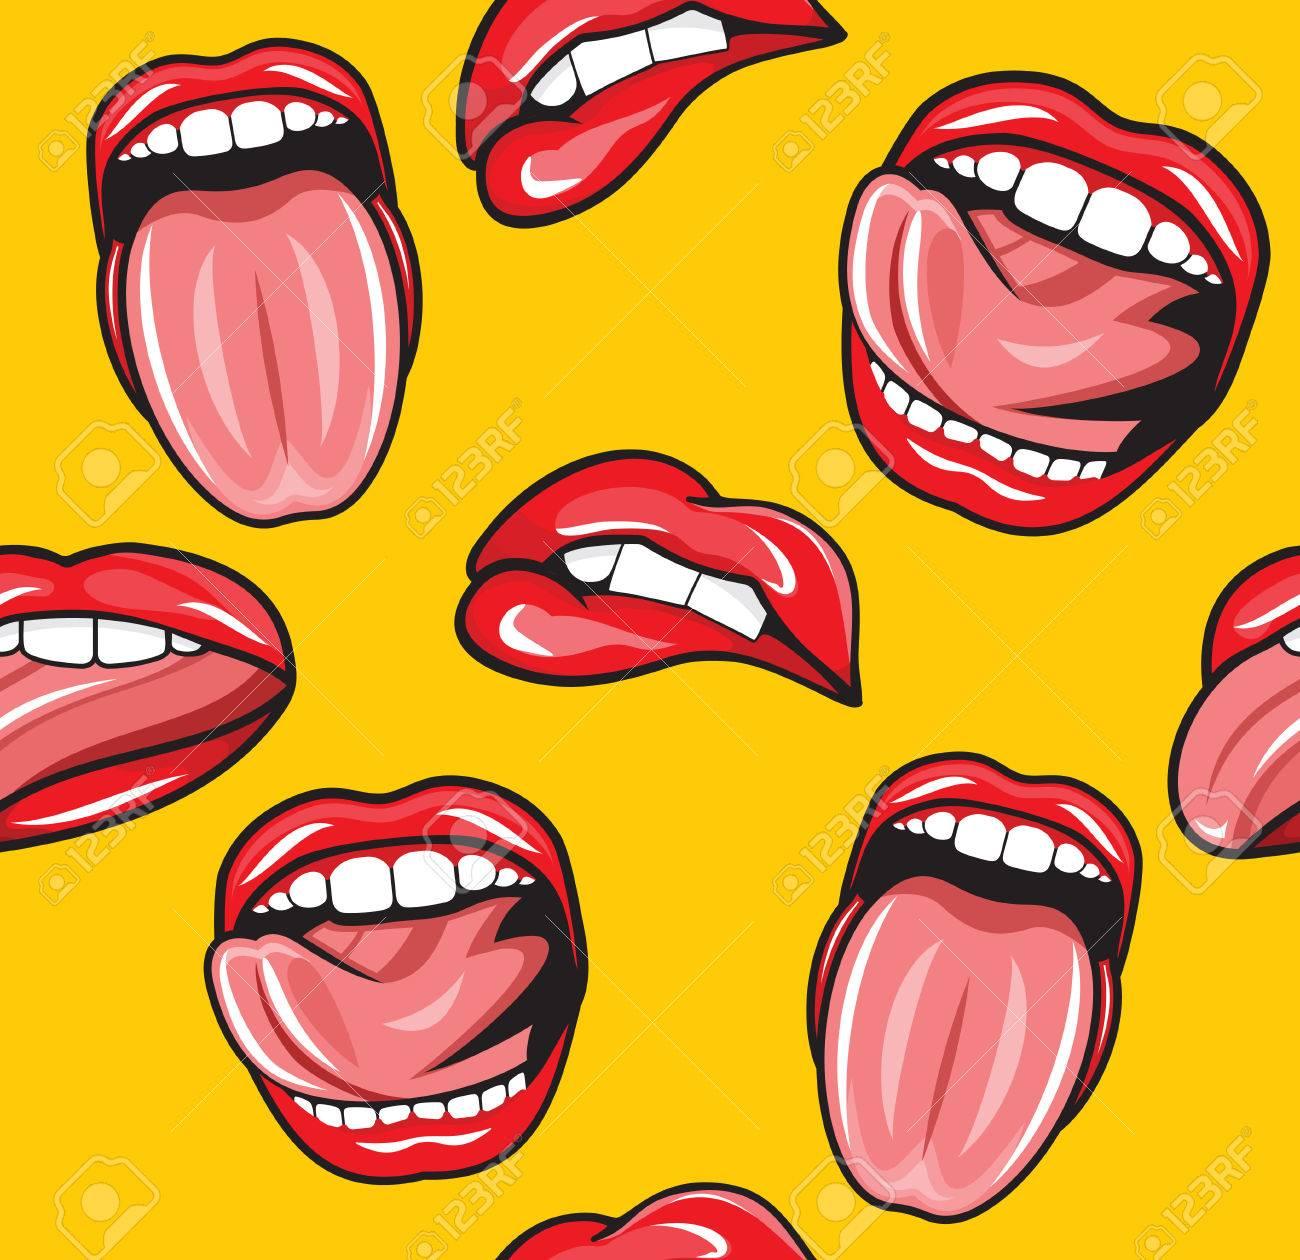 Mouth pop art vector seamless pattern - 41478782